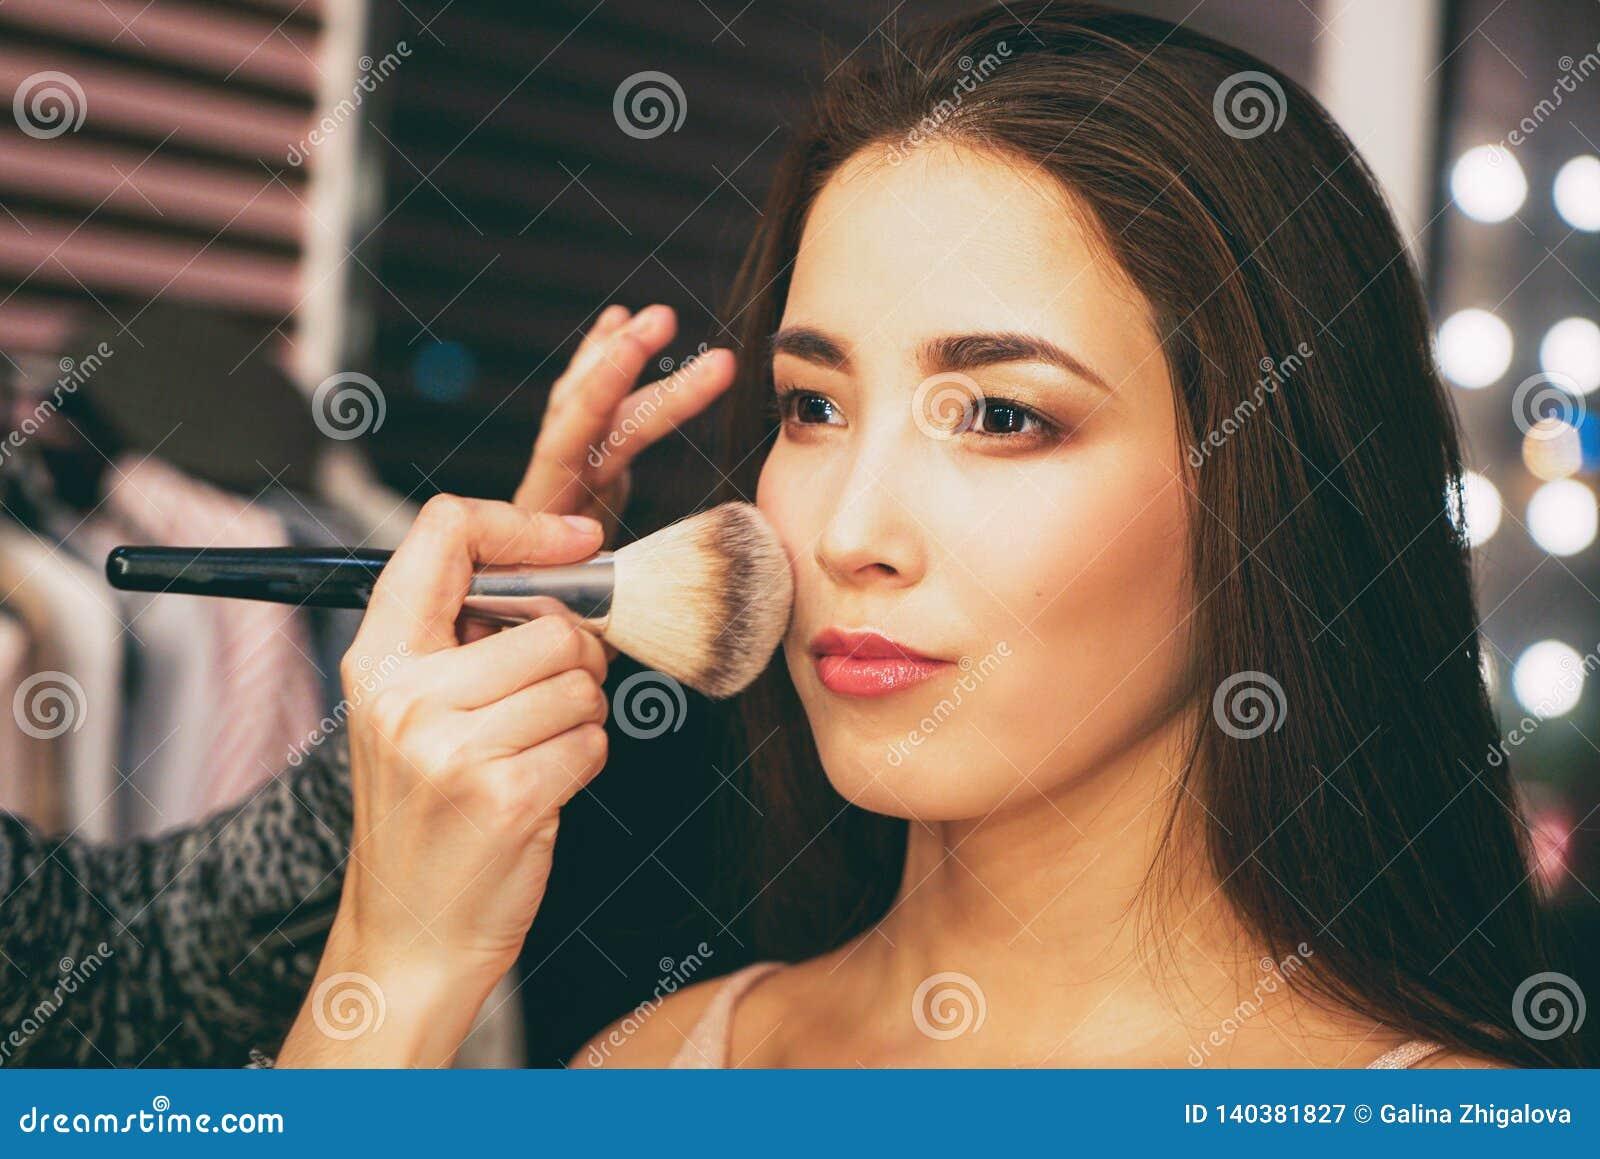 Ritratto di bellezza della giovane donna asiatica sensuale sorridente con pelle fresca pulita Dietro le quinte con la sfilata di